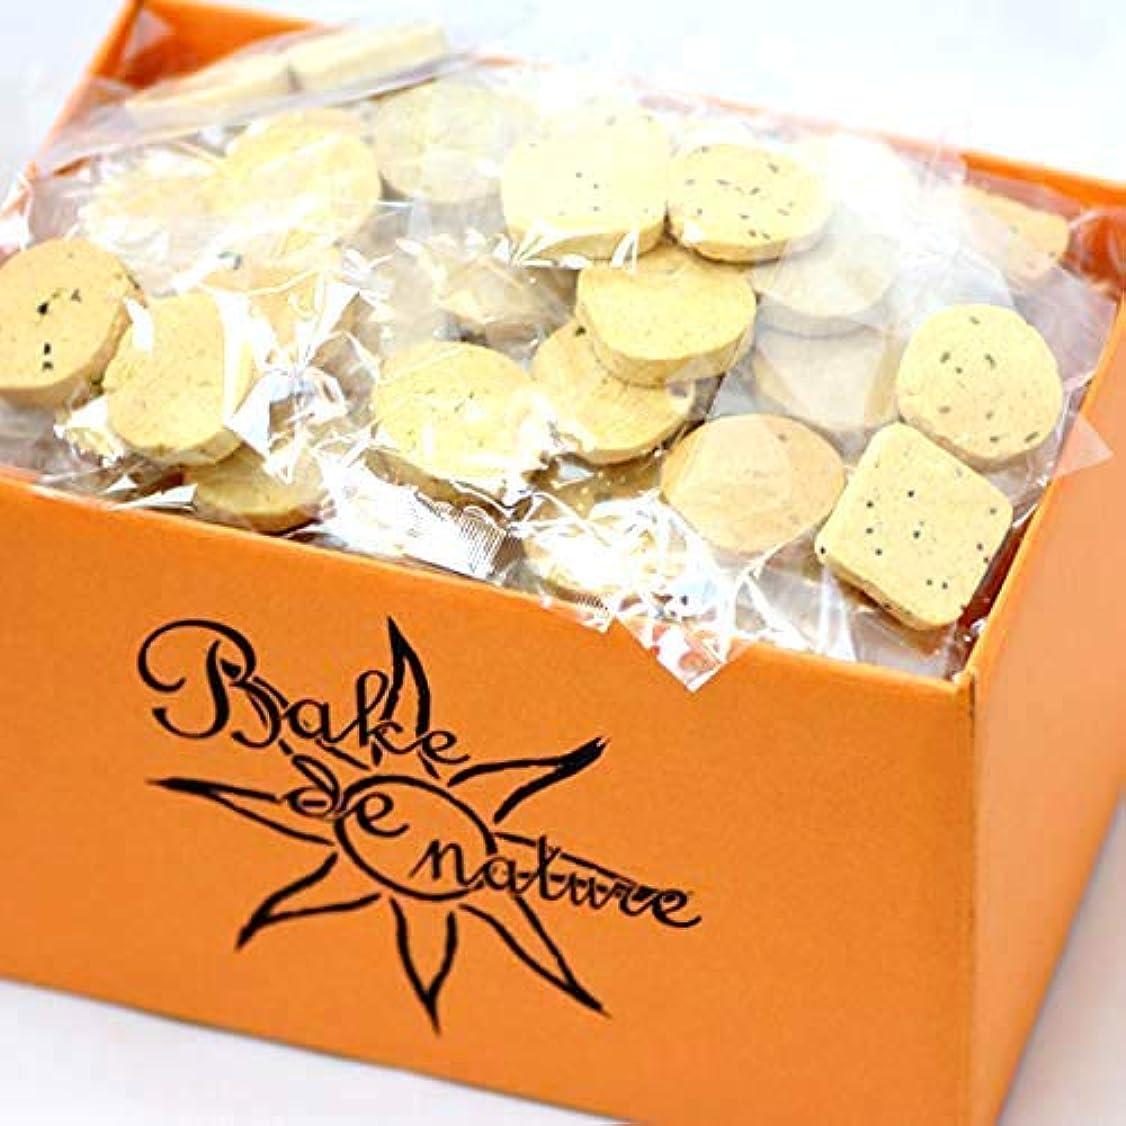 発行する食料品店レイアスーパーフード豆乳おからクッキー (10種類MIX) 1袋 1kg (個包装) 小麦粉不使用のダイエットクッキー